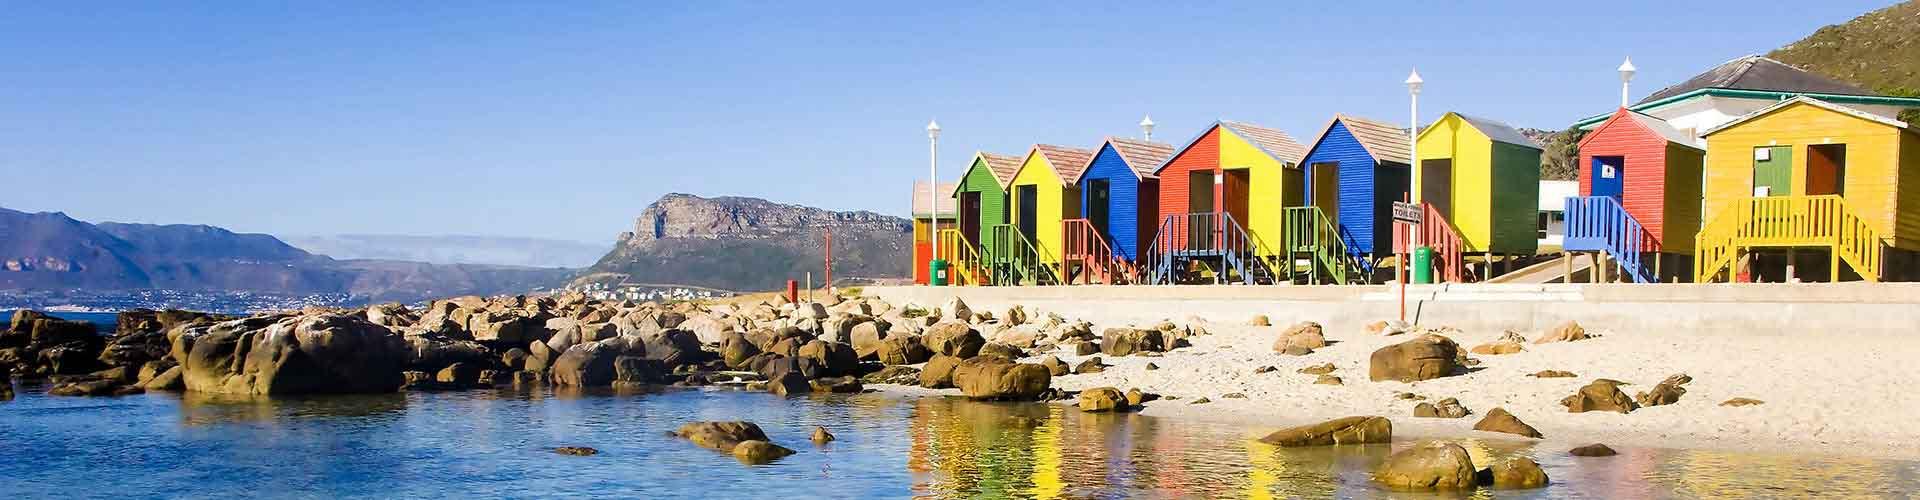 Ciudad del Cabo - Hoteles baratos en el distrito Simon's Town. Mapas de Ciudad del Cabo, Fotos y comentarios de cada Hotel barato en Ciudad del Cabo.